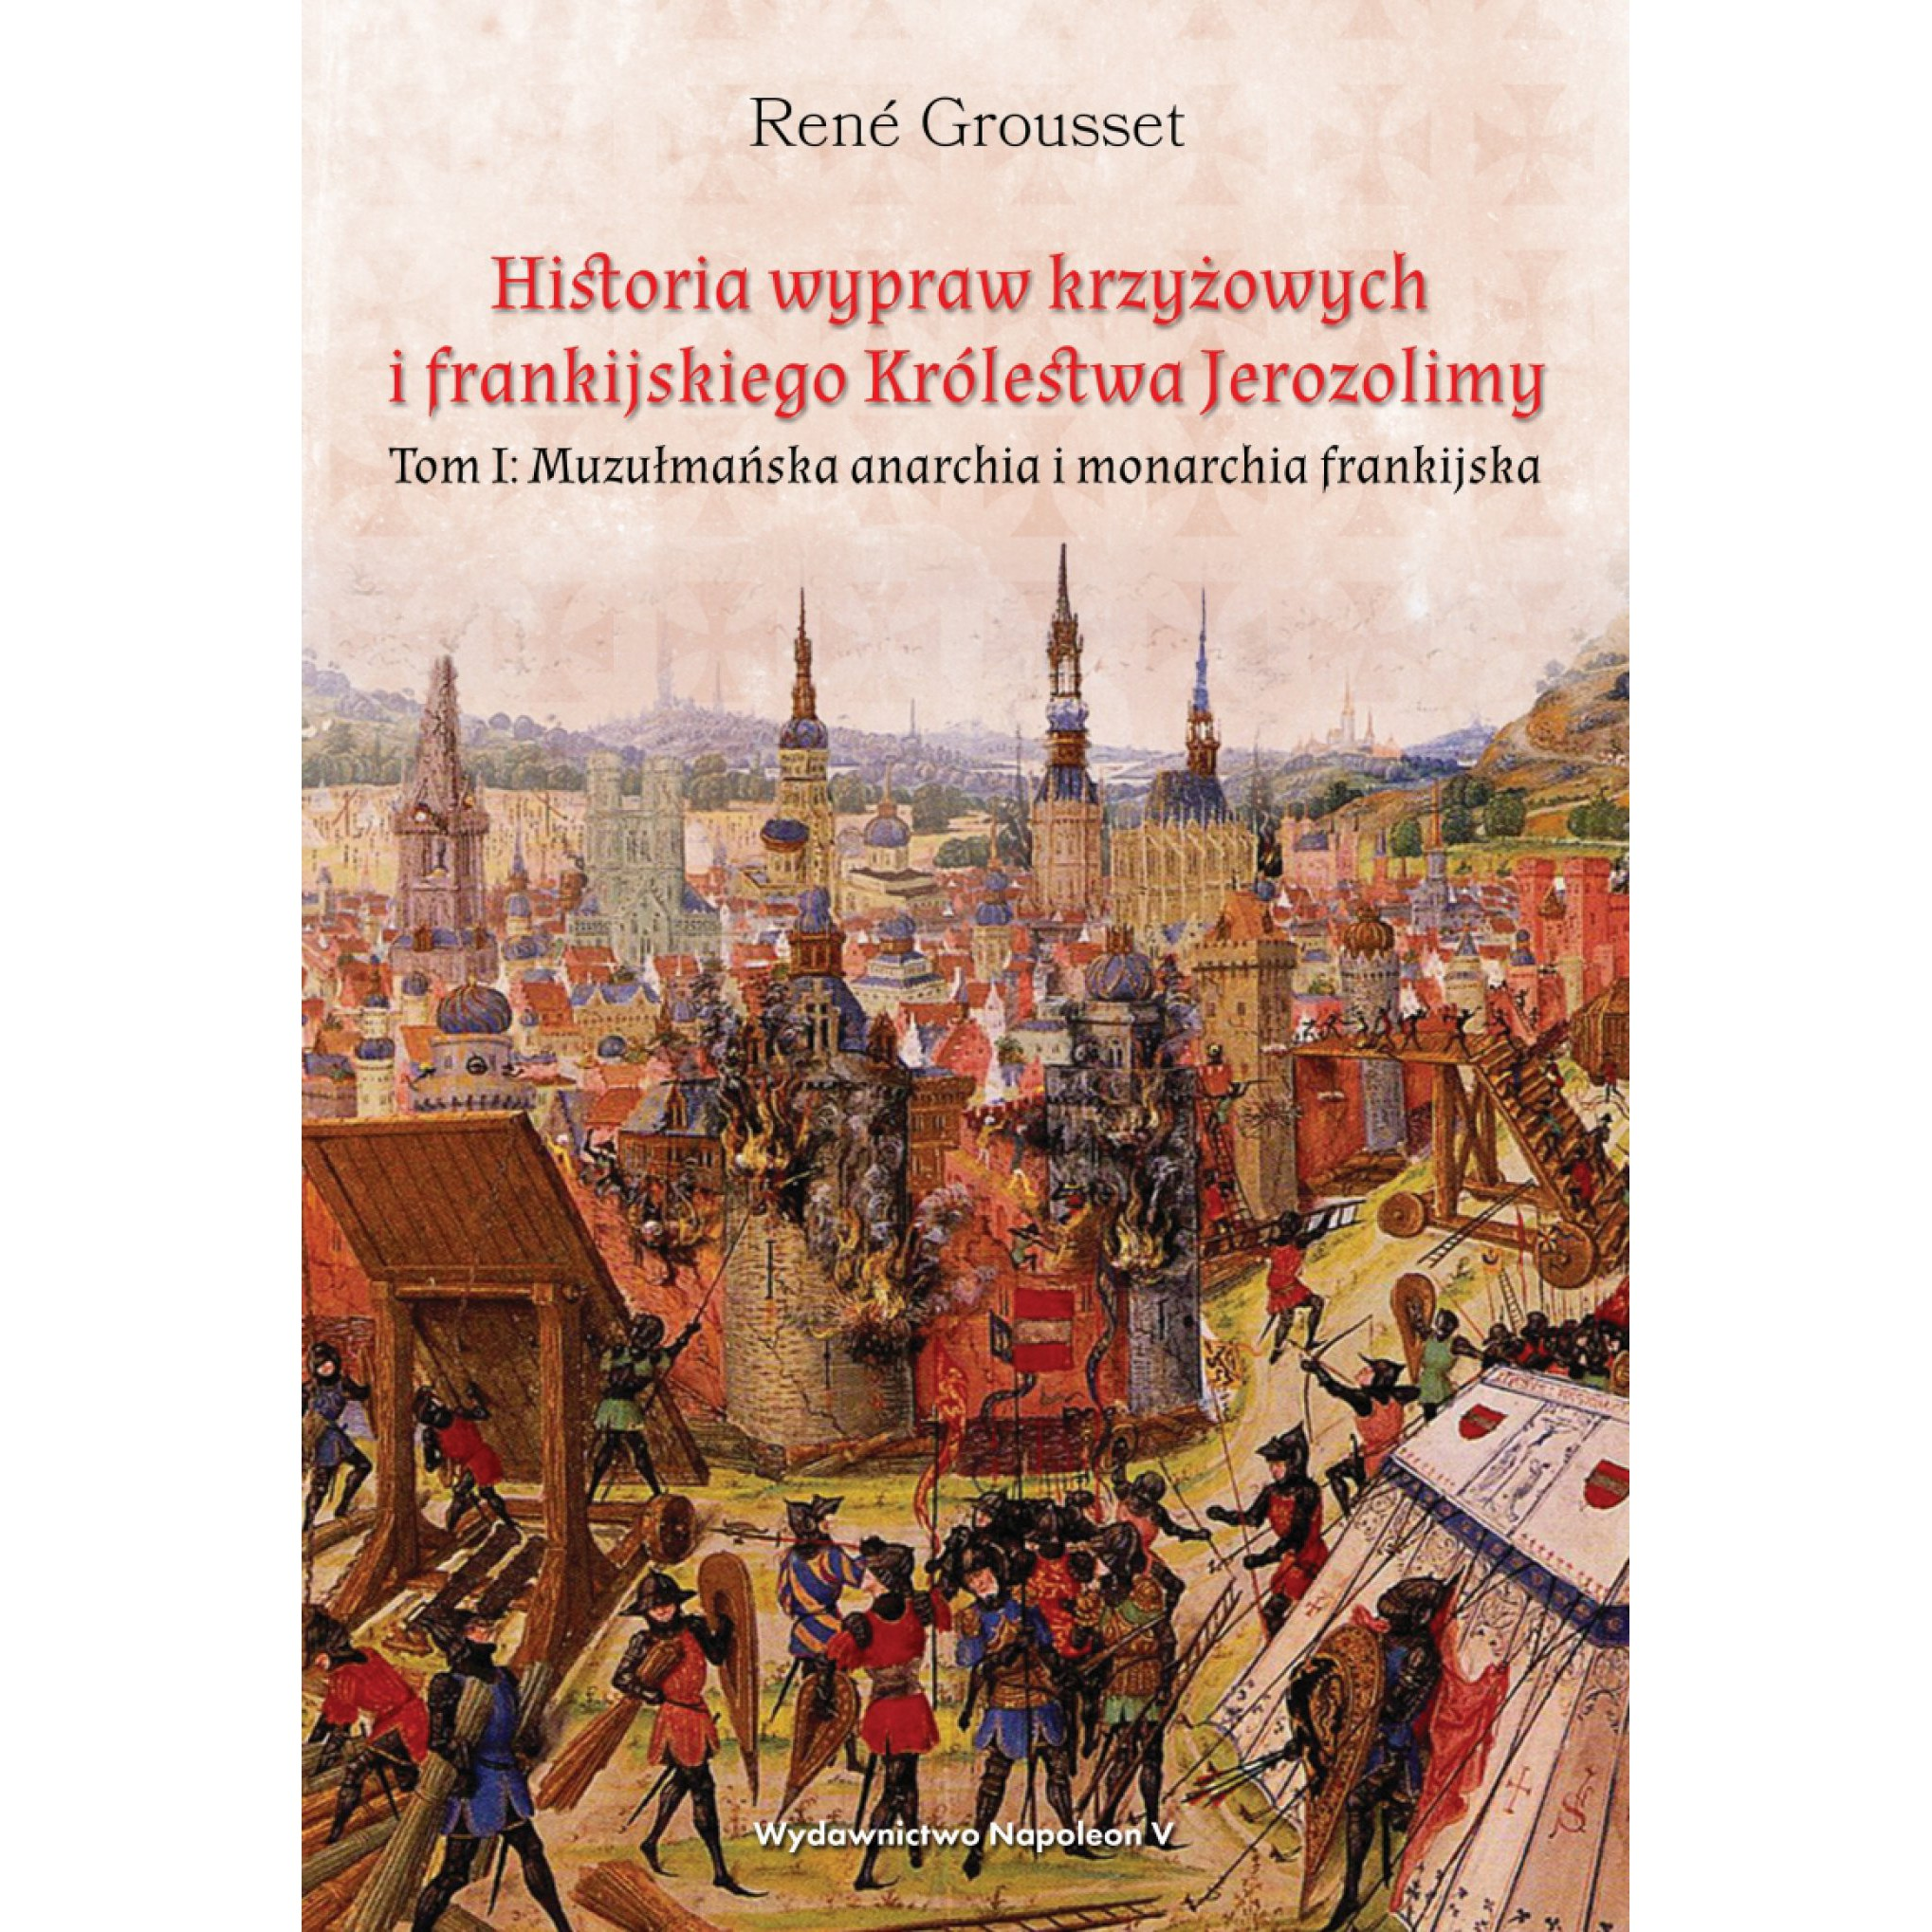 Historia wypraw krzyżowych i frankijskiego Królestwa Jerozolimy. Tom I. Muzułmańska anarchia i monarchia frankijska